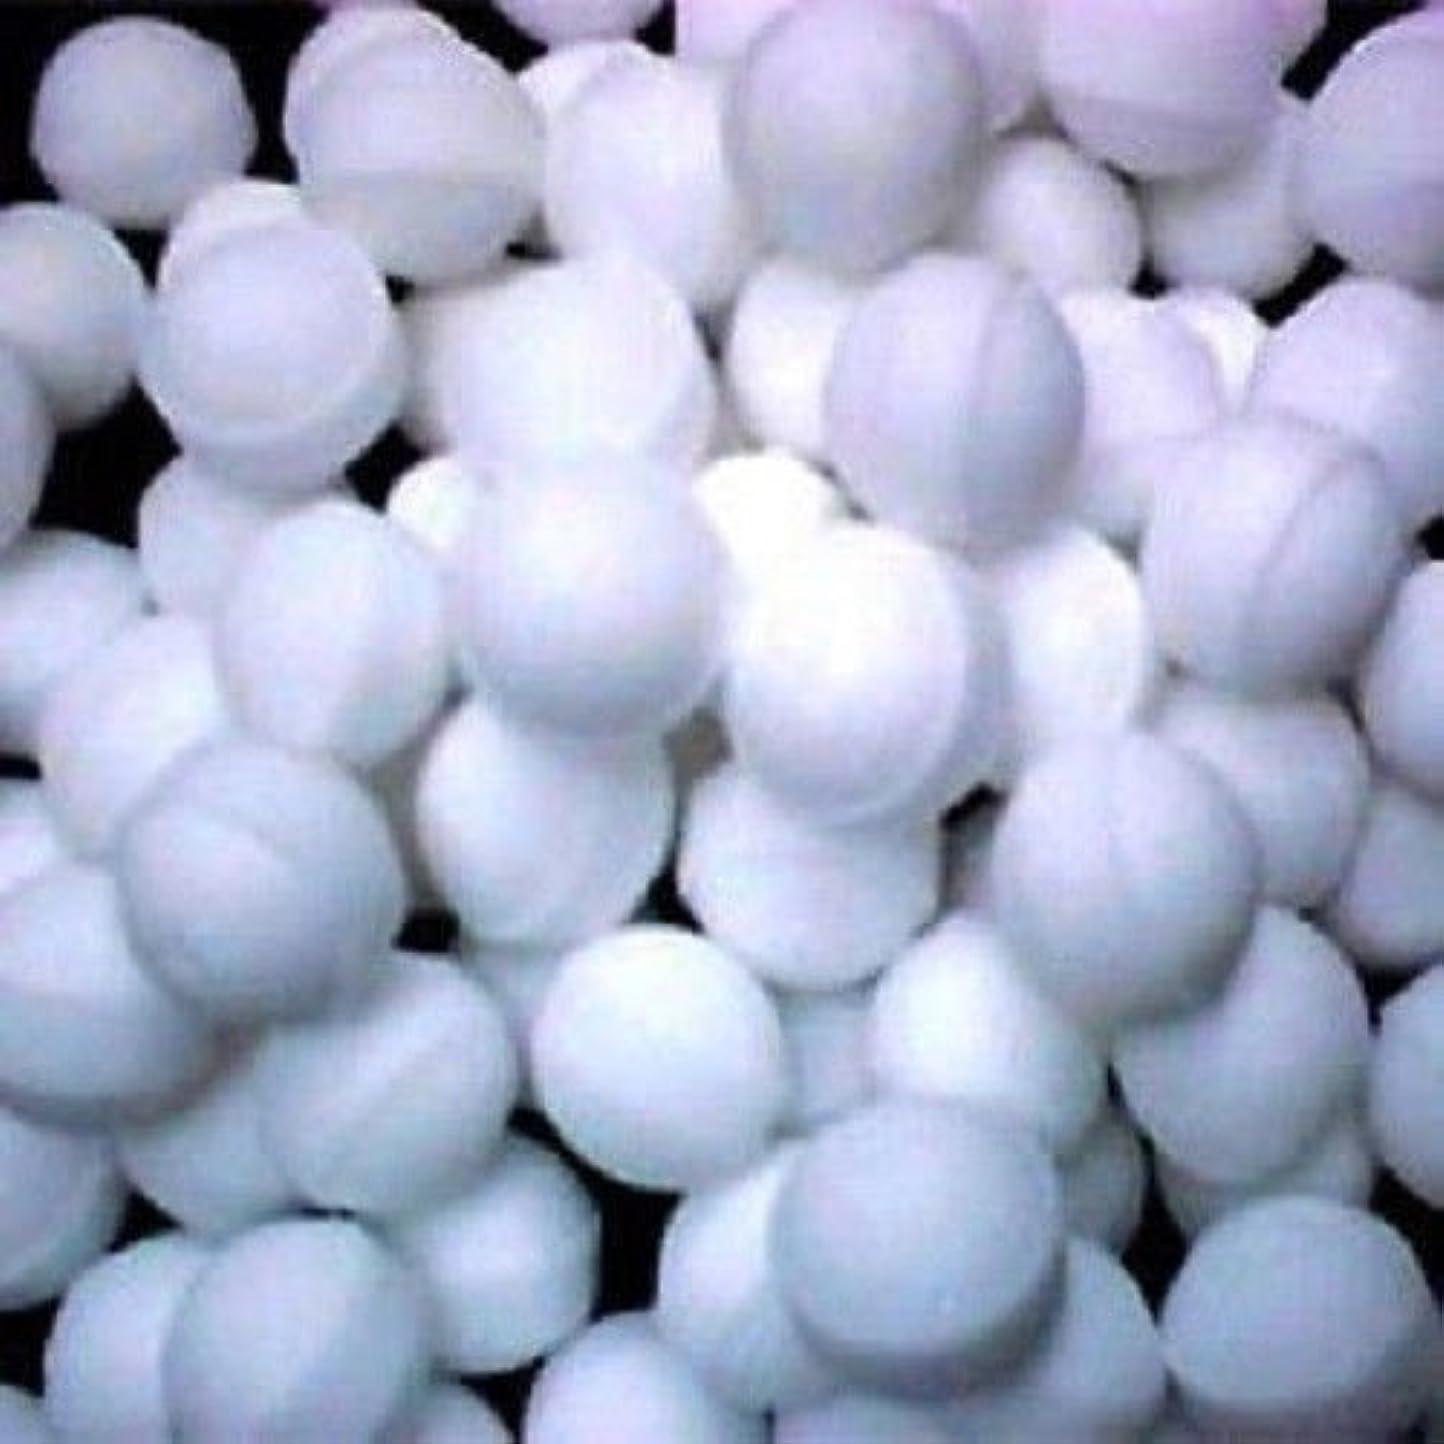 型洪水遅れNaphthalene Balls, Moth Balls,snow White,toilets,cupboards,books,cloth Mothballs- 50 Balls 100g Pack by Eagle [並行輸入品]